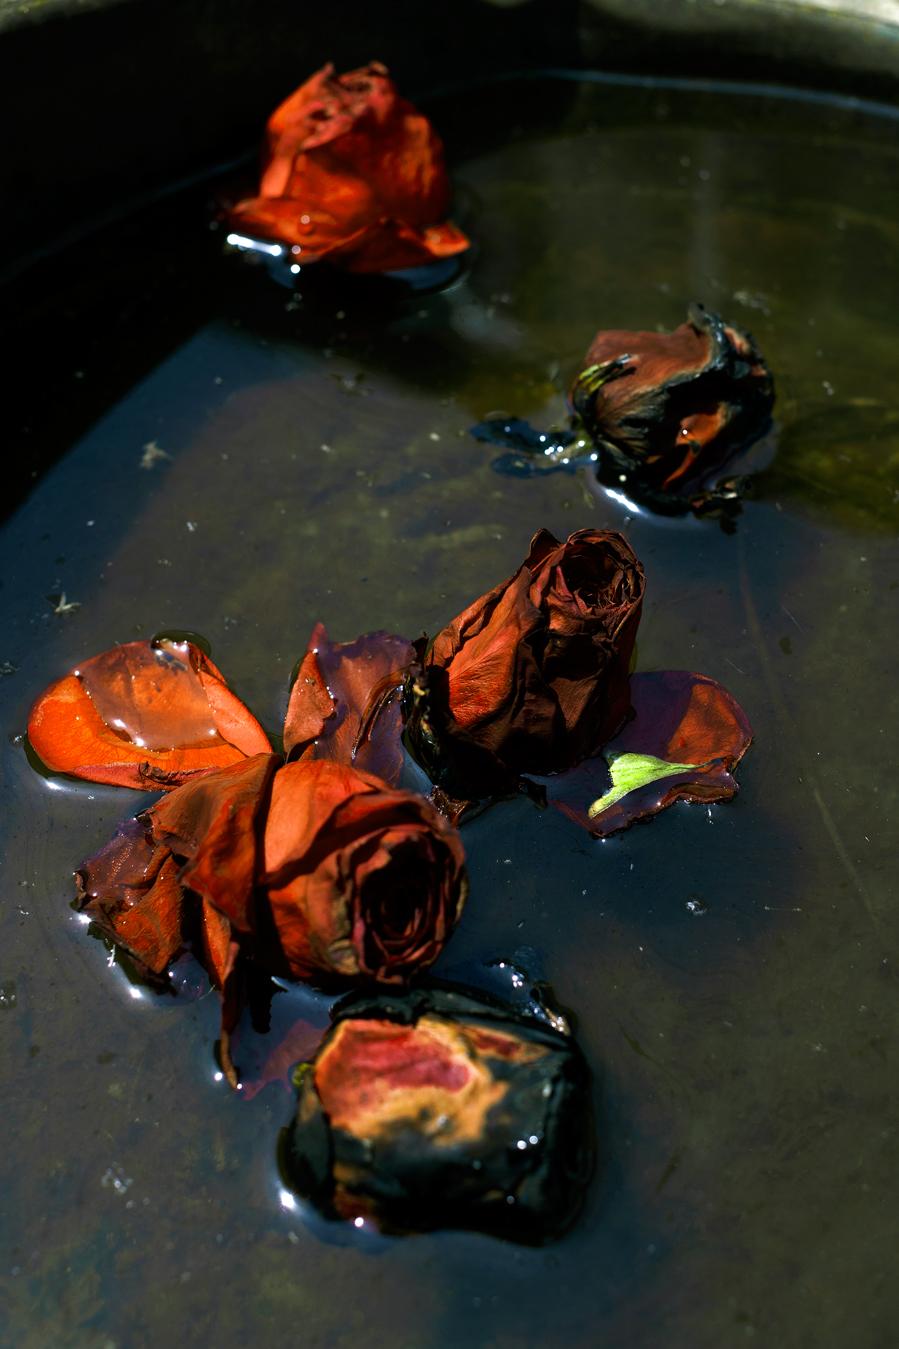 rosewater-by-ransom-ashley-.jpg